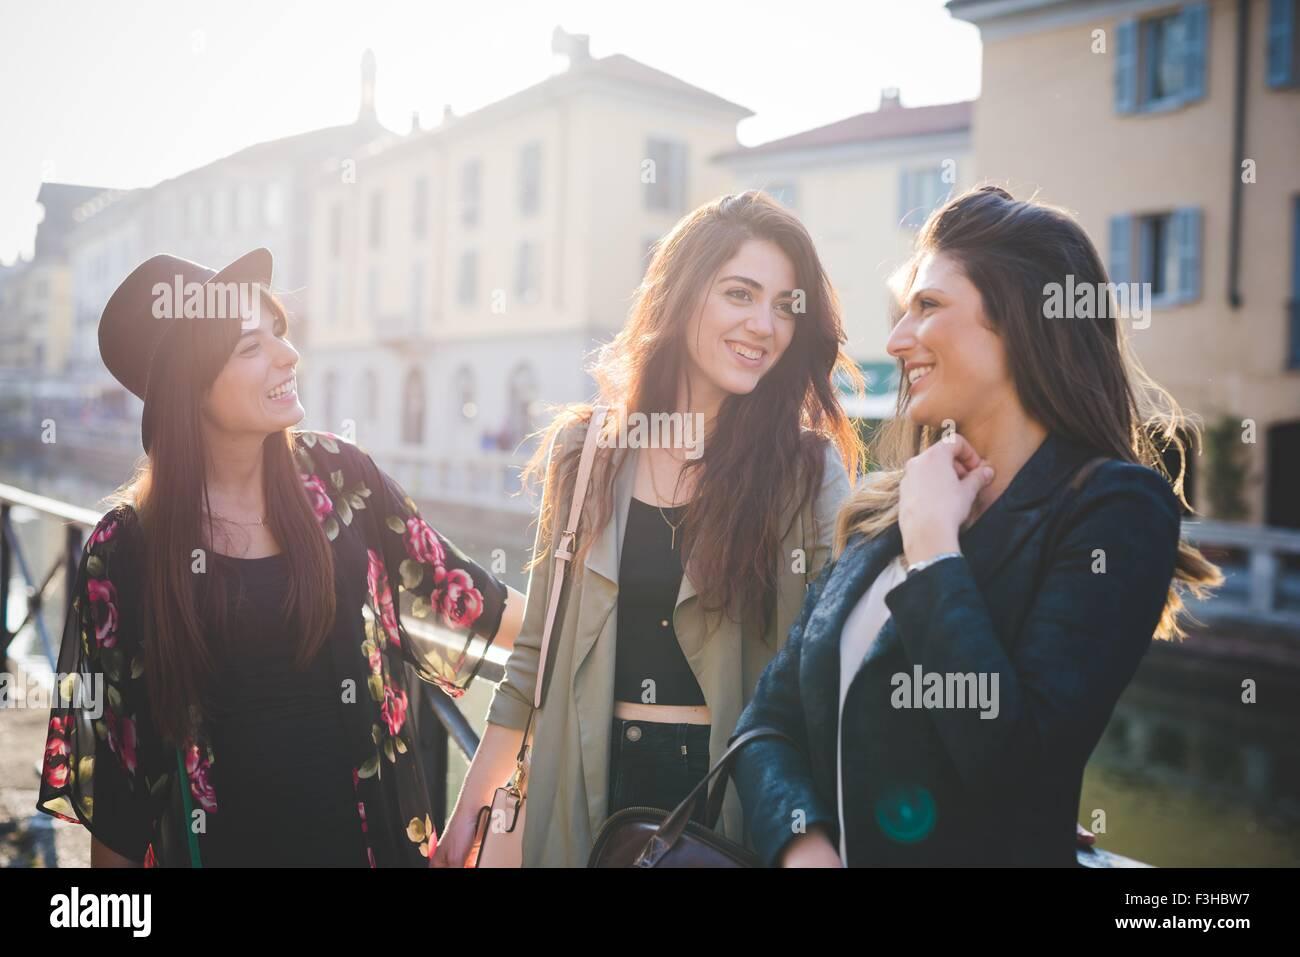 Tres jóvenes mujeres que conversan sobre la orilla del canal Imagen De Stock